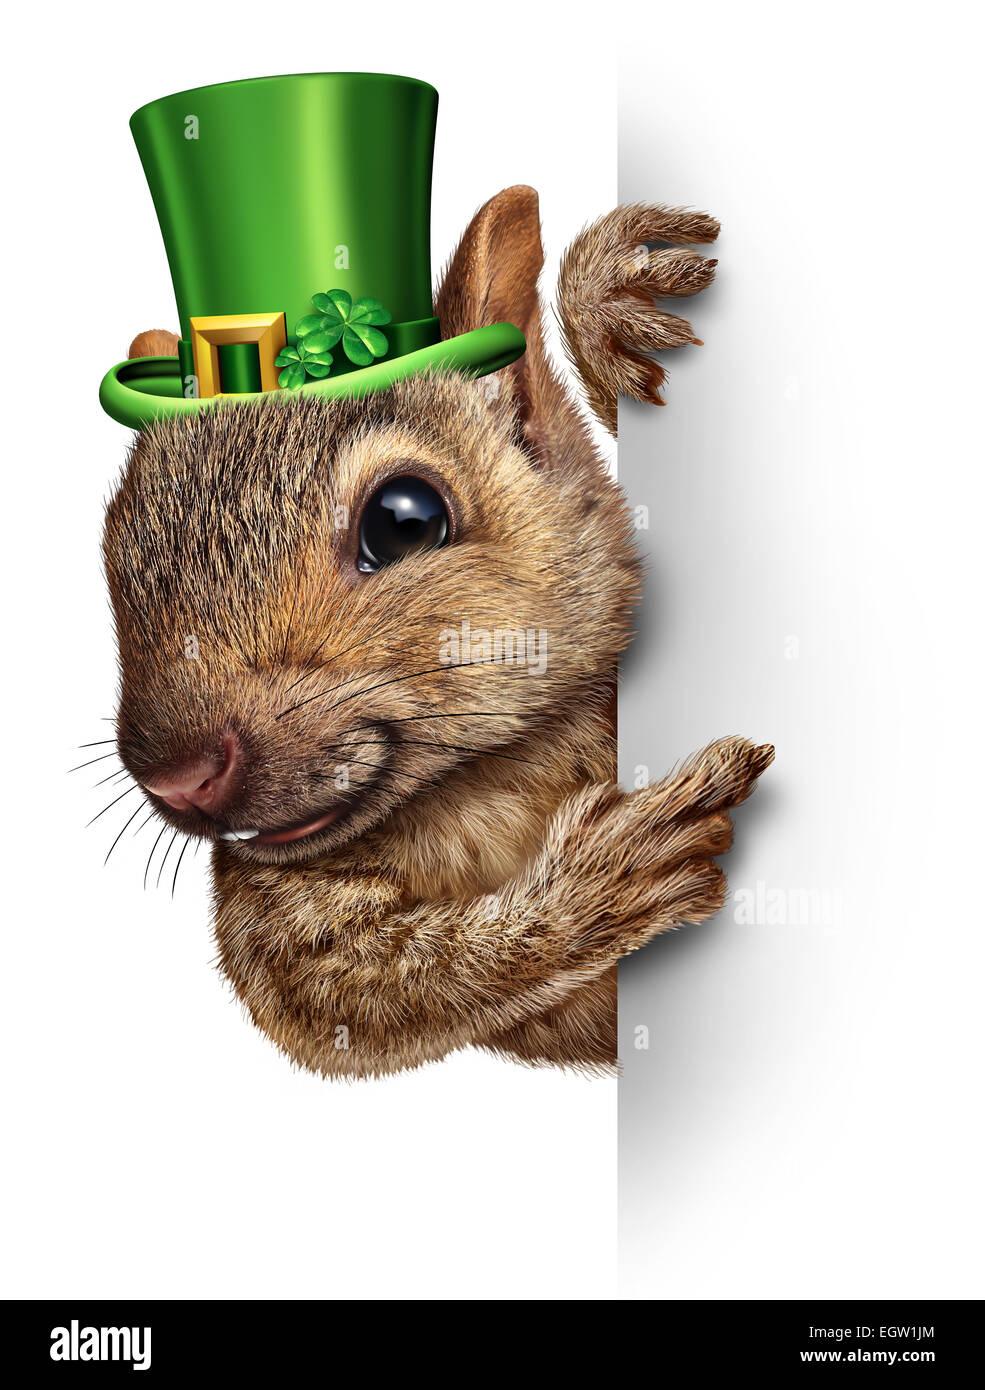 Frühling Eichhörnchen Banner Konzept als niedlich glücklich Tierwelt eine Glück Grün tragen Stockbild